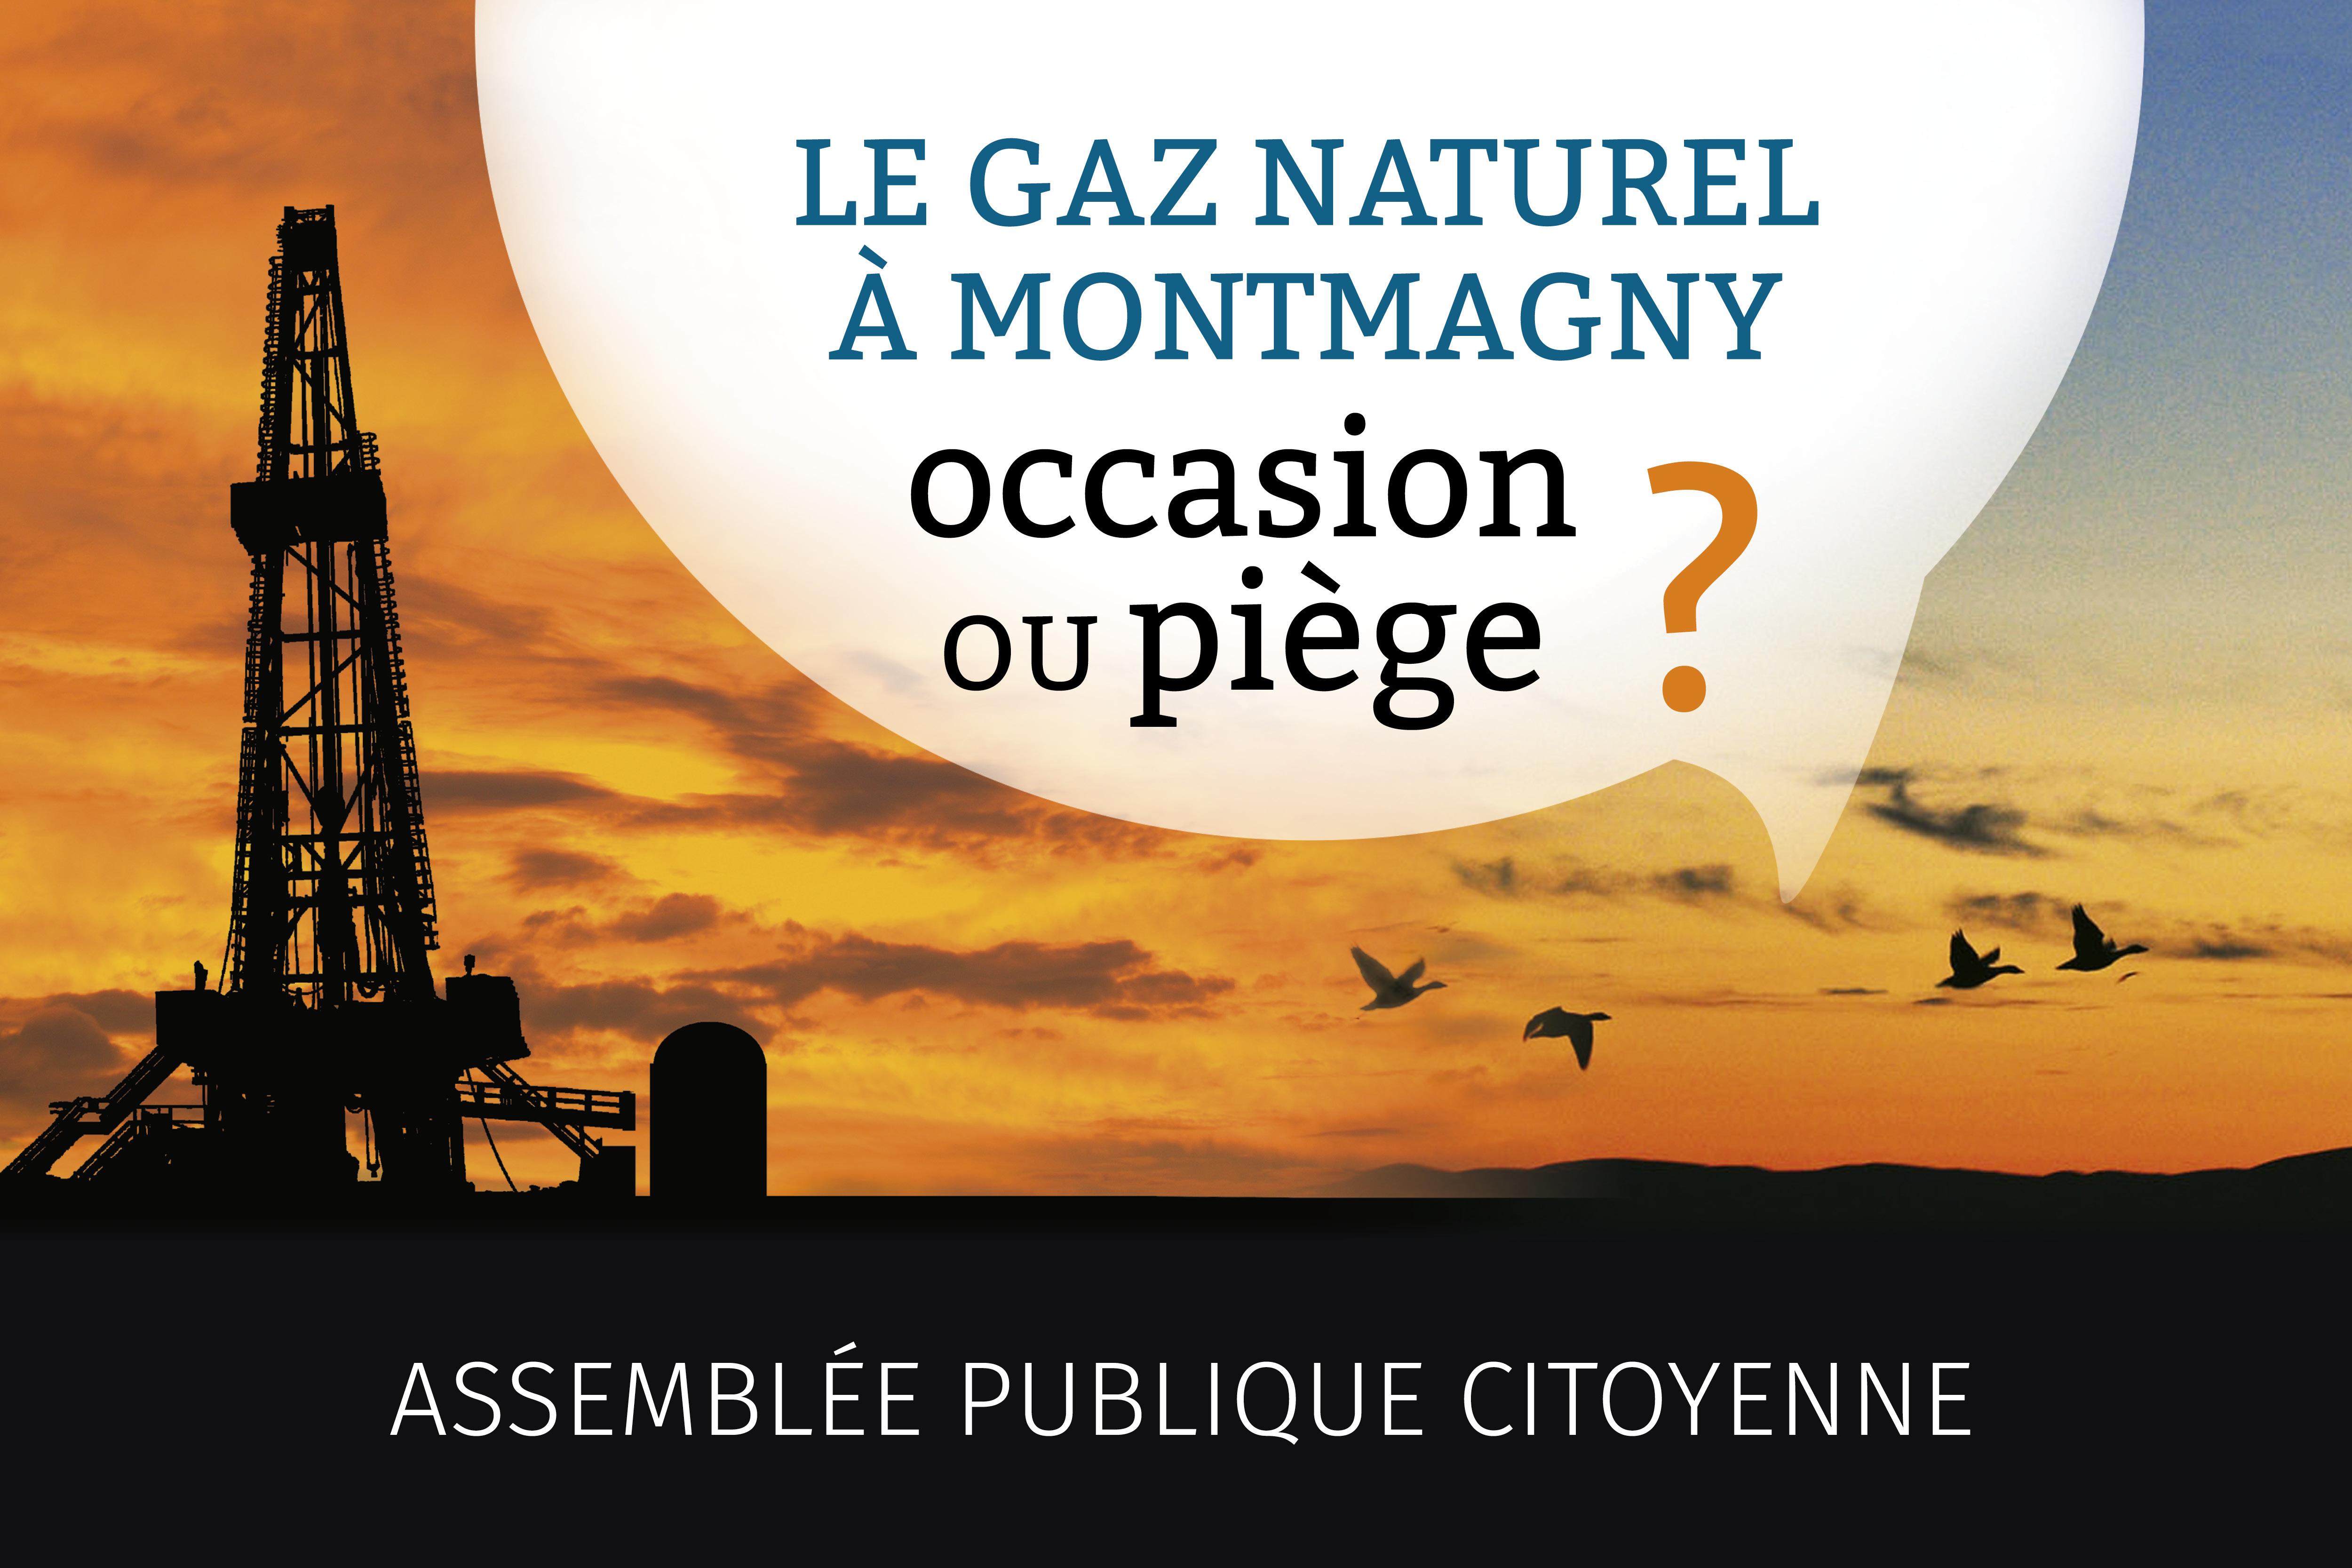 Assemblée publique citoyenne à Montmagny: trois éclairages indépendants sur le gaz naturel pour avoir un portrait juste